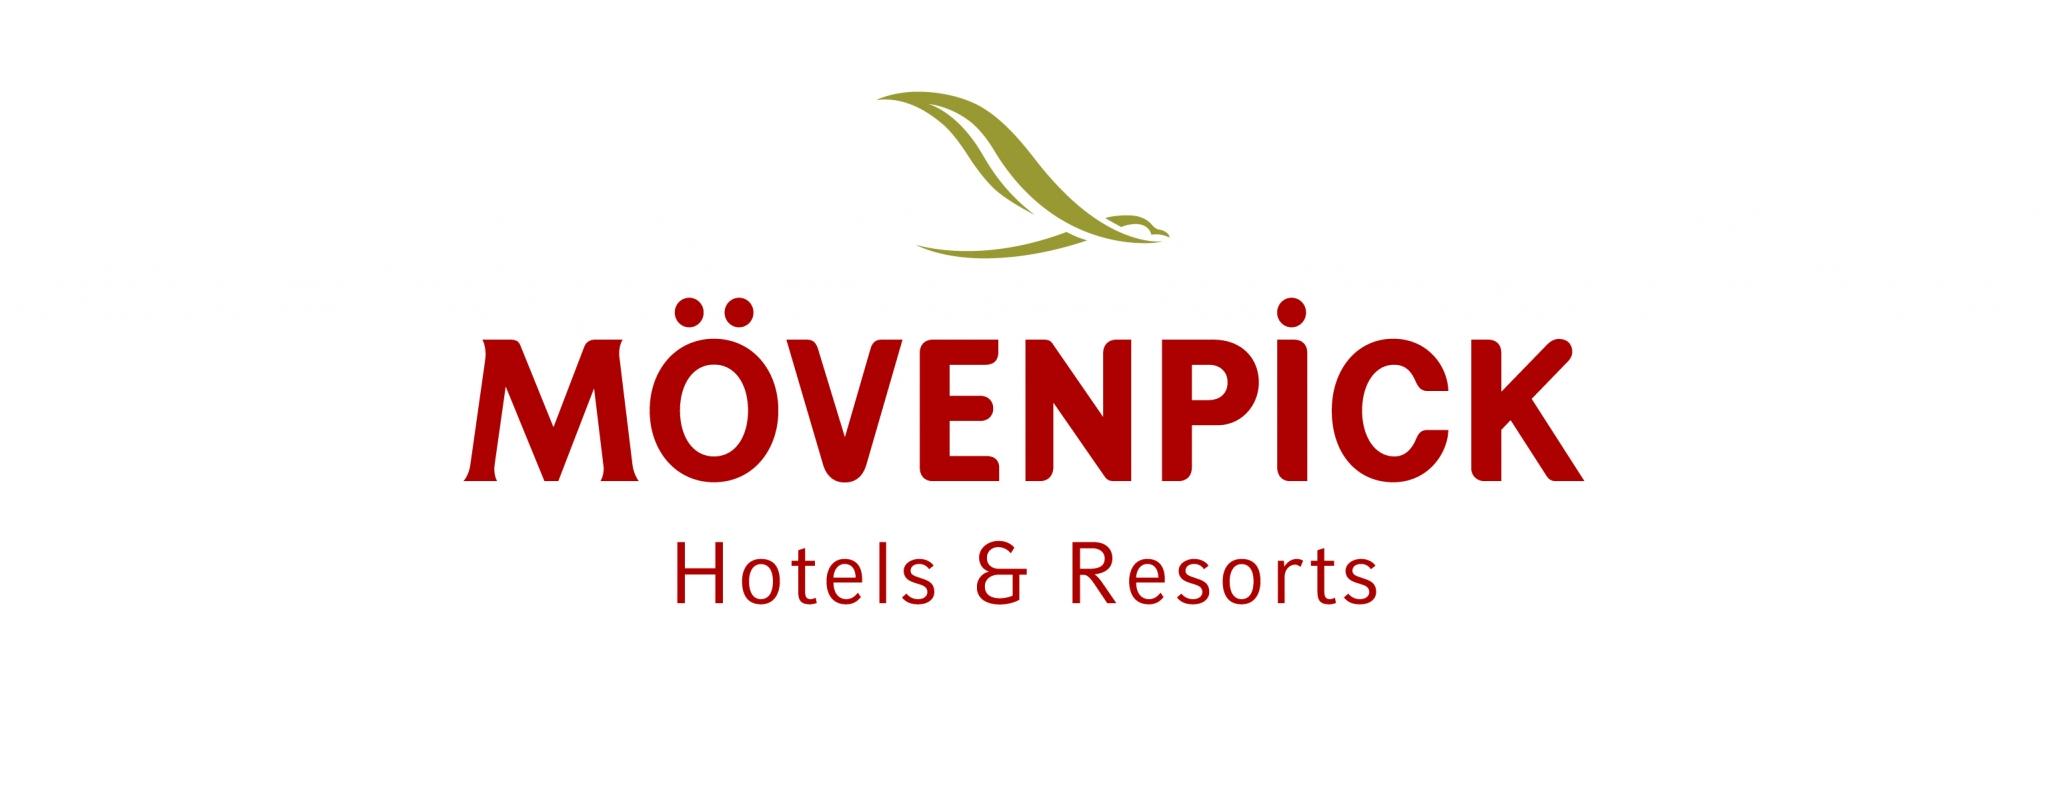 أهم فنادق موڤنبيك في دبي